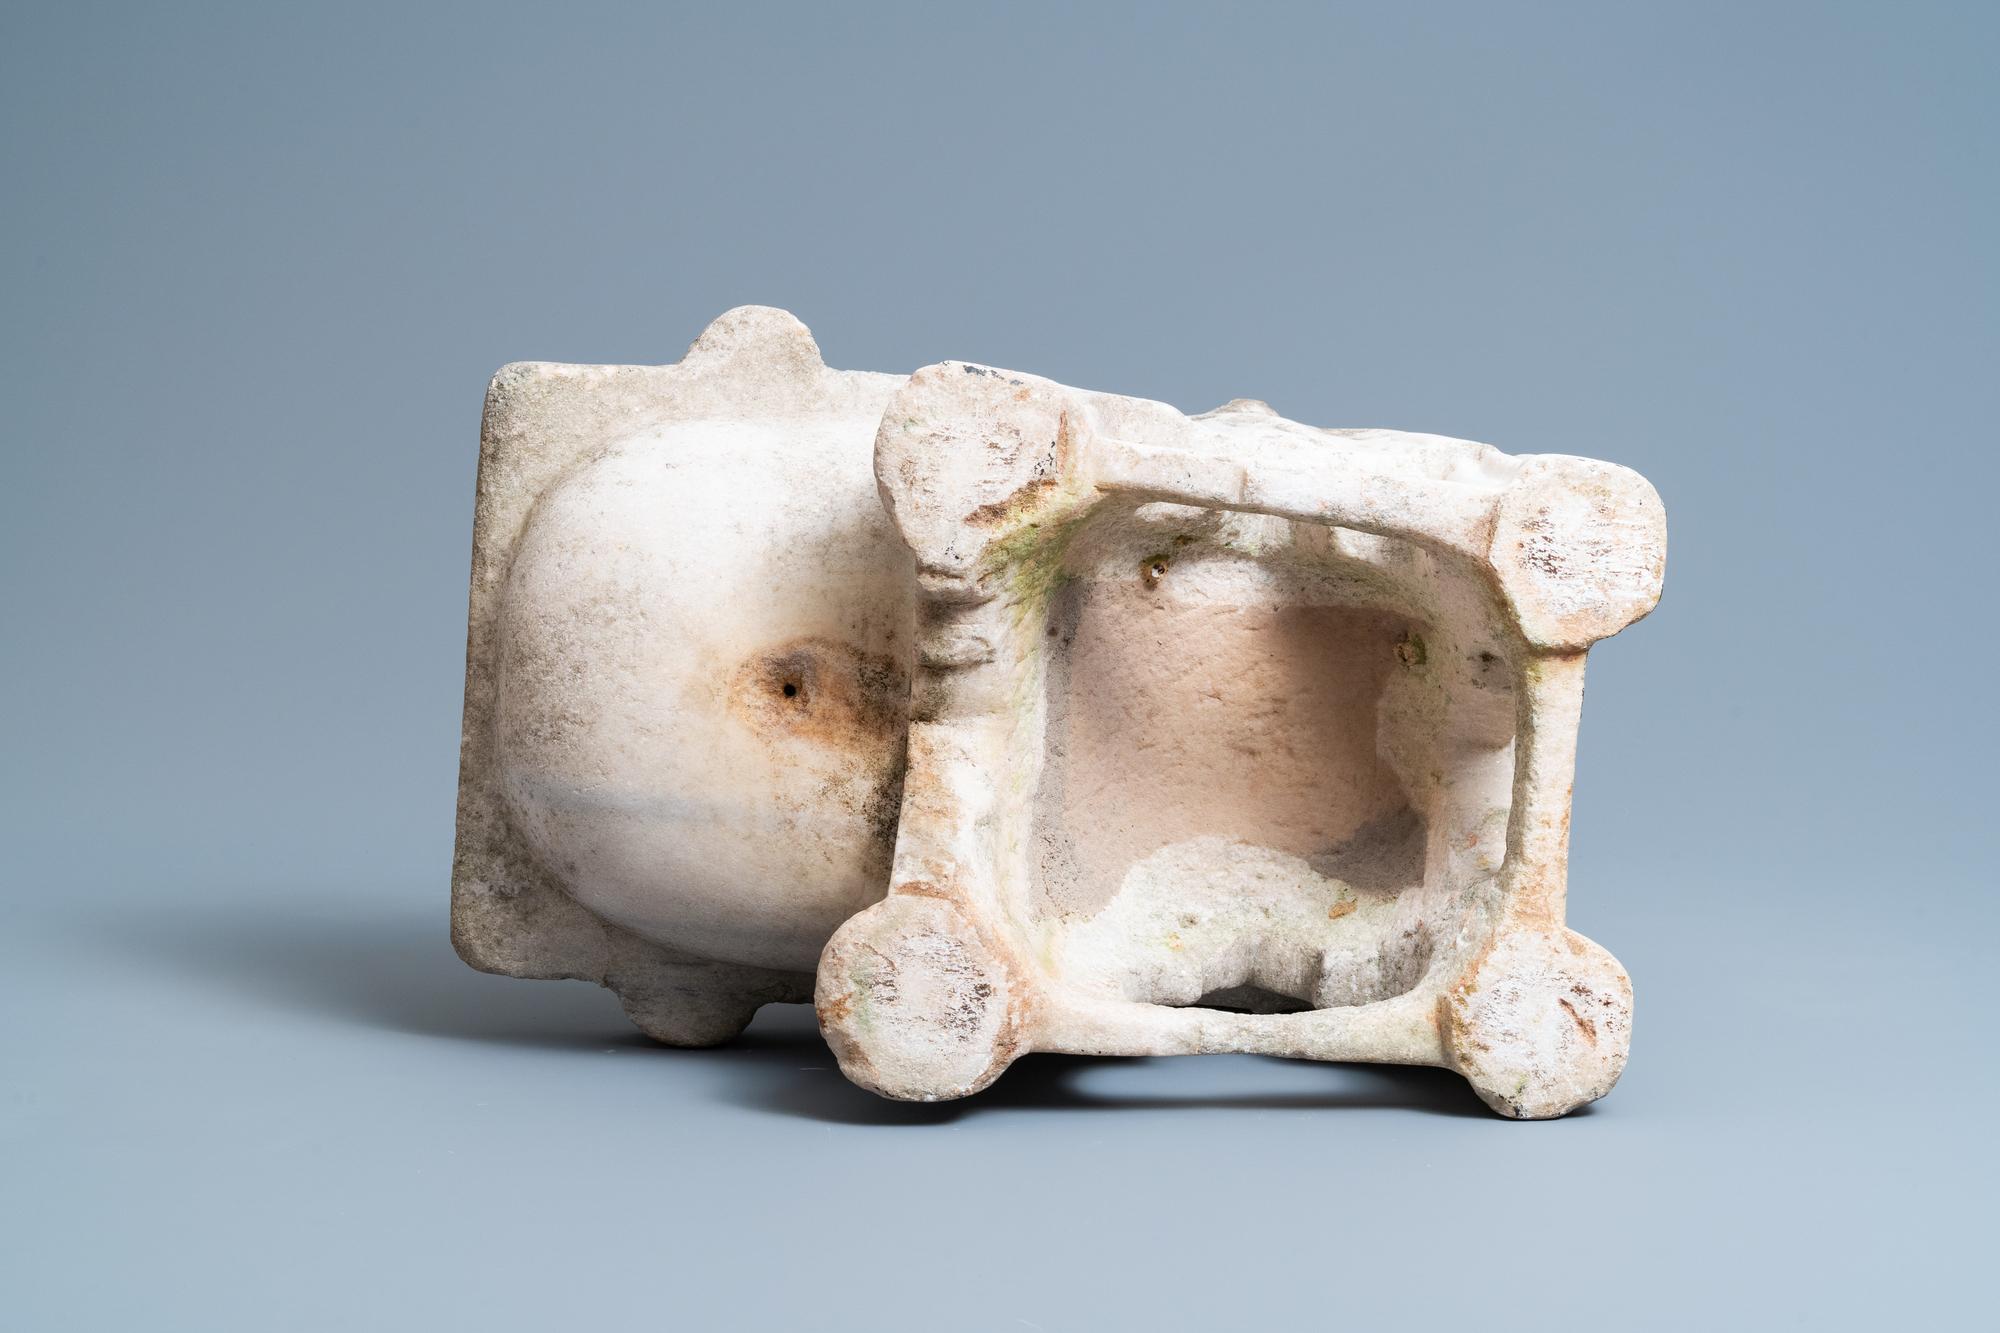 A Fatimid marble kilga, Egypt, 11/12th C. - Image 7 of 7